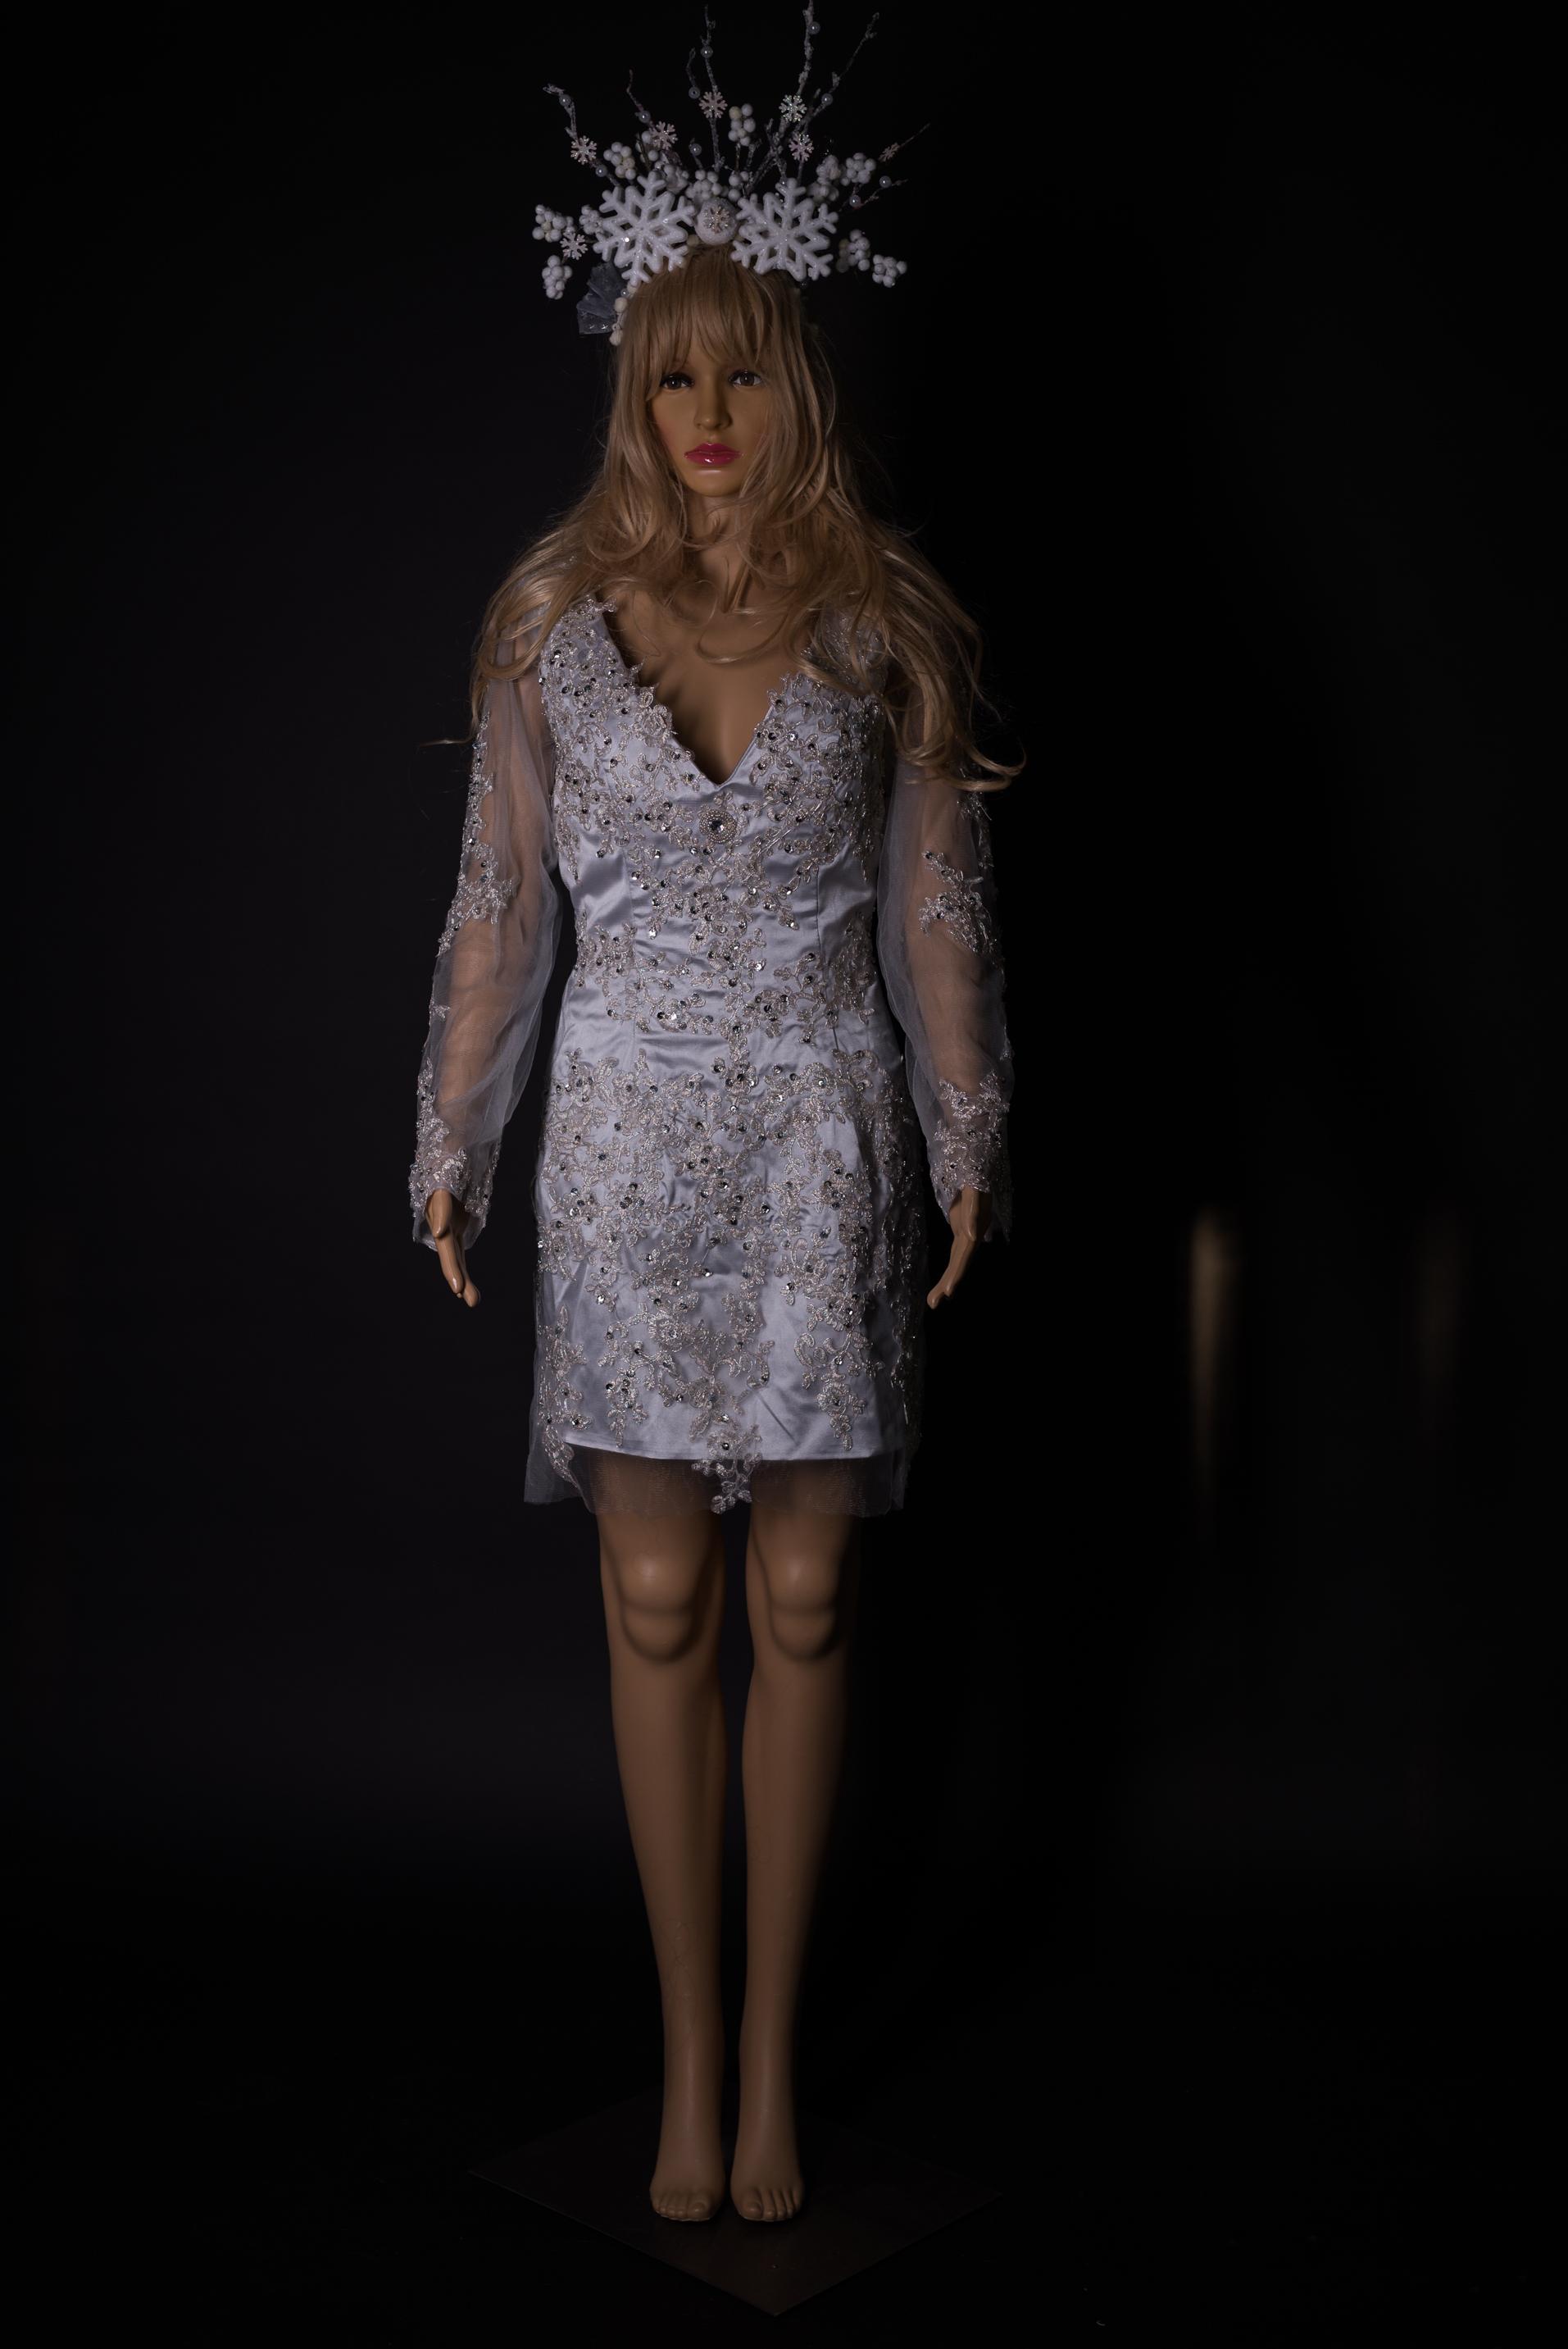 Silbergraues Kleid mit Pailleten und Spitzespplikation